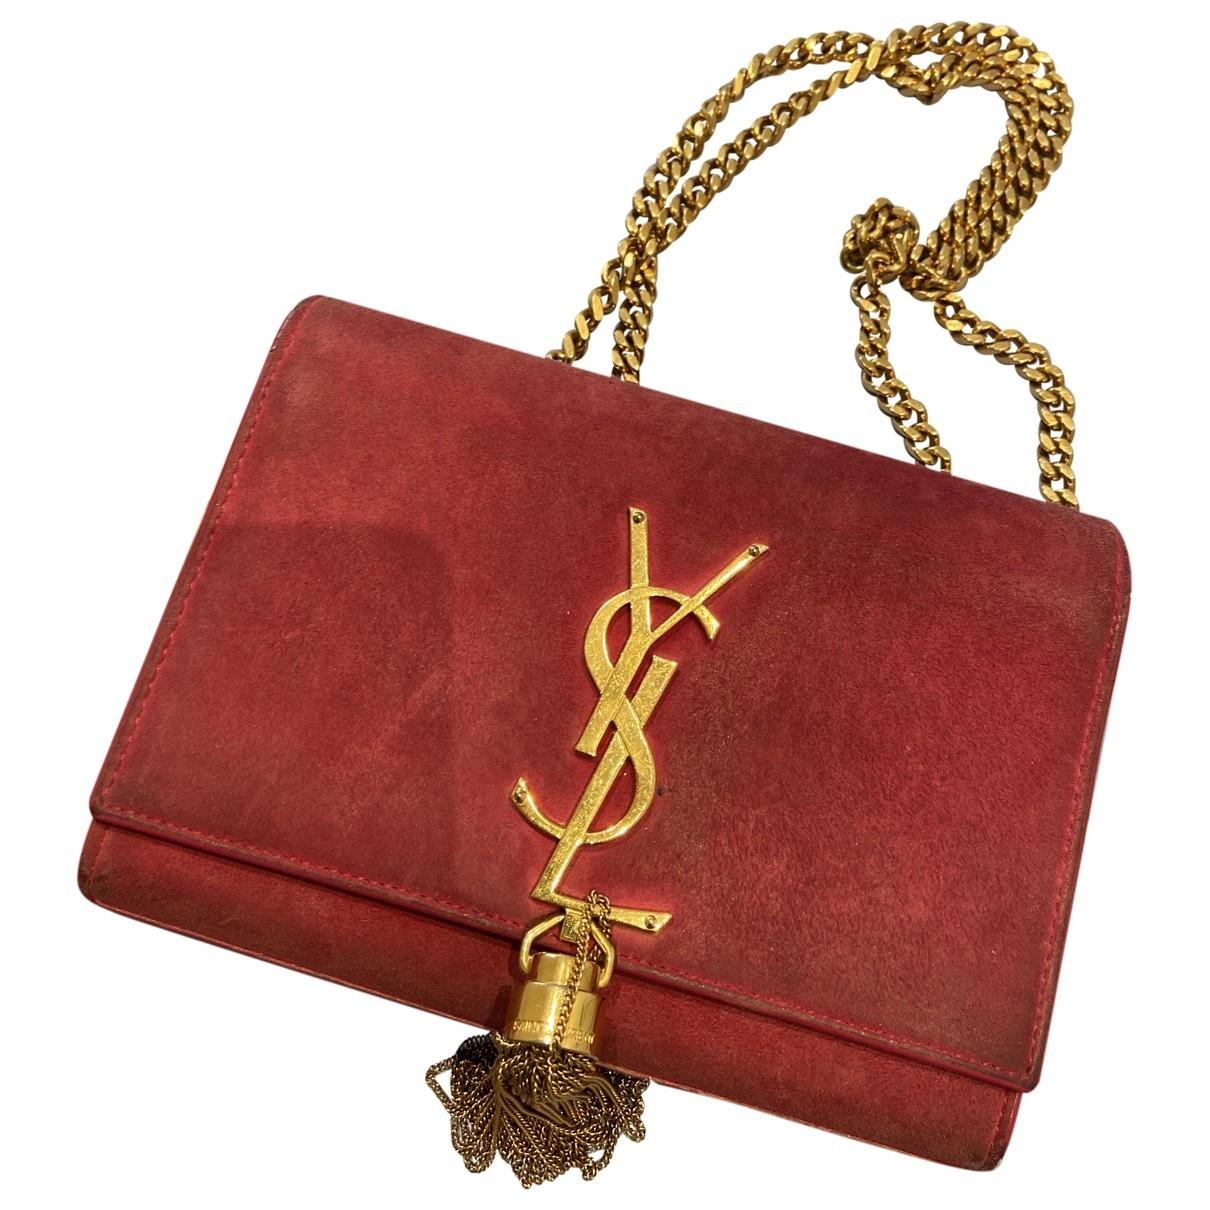 Saint Laurent Pompom Kate Pink Leather handbag for Women \N